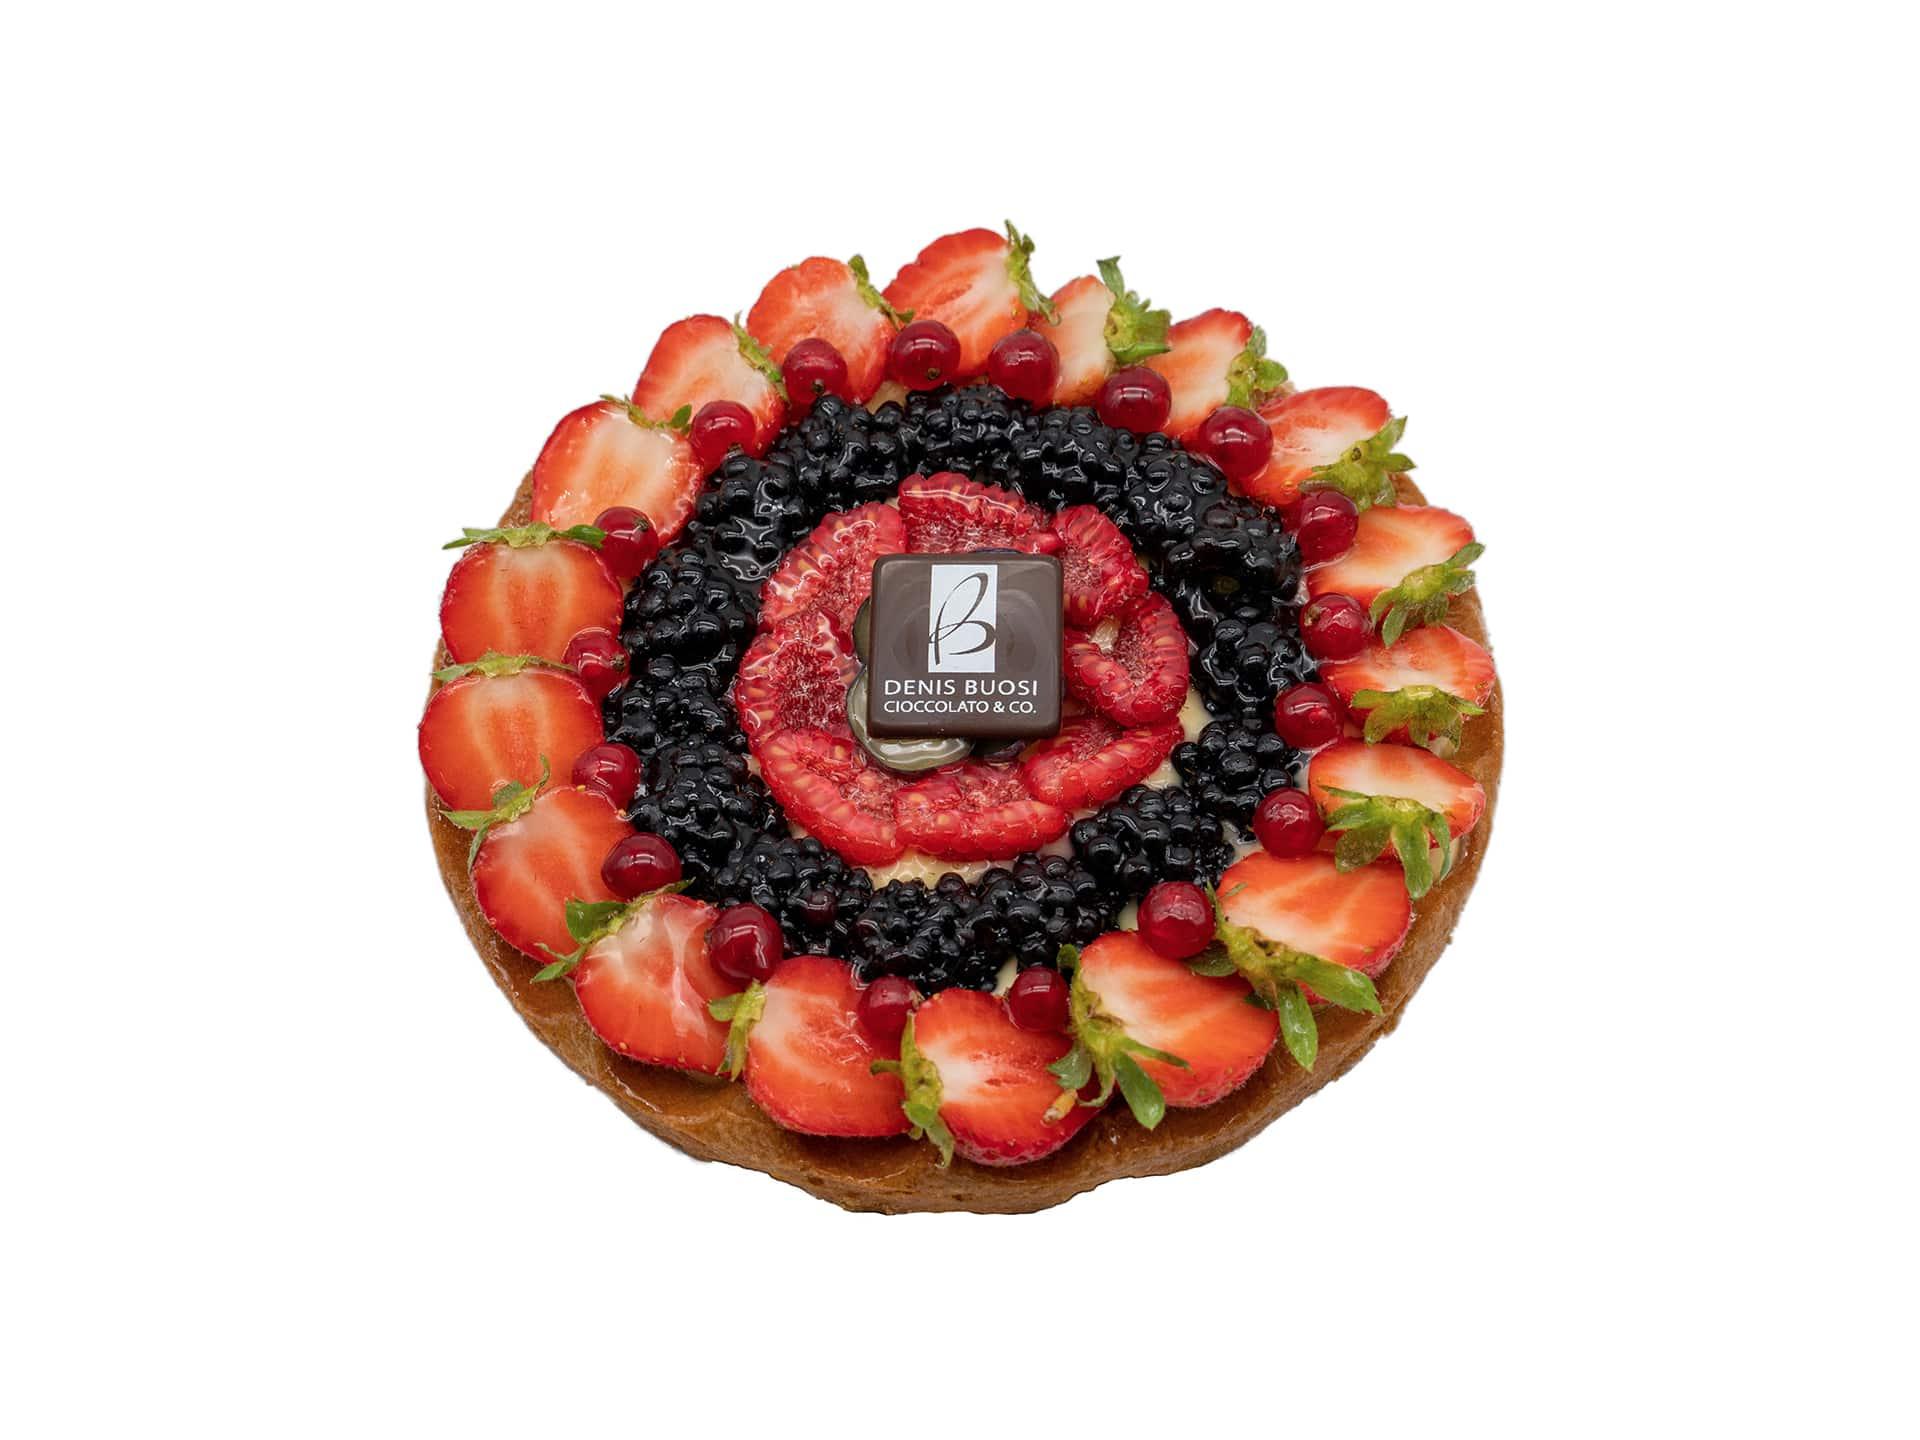 crostata-frutta-buosi